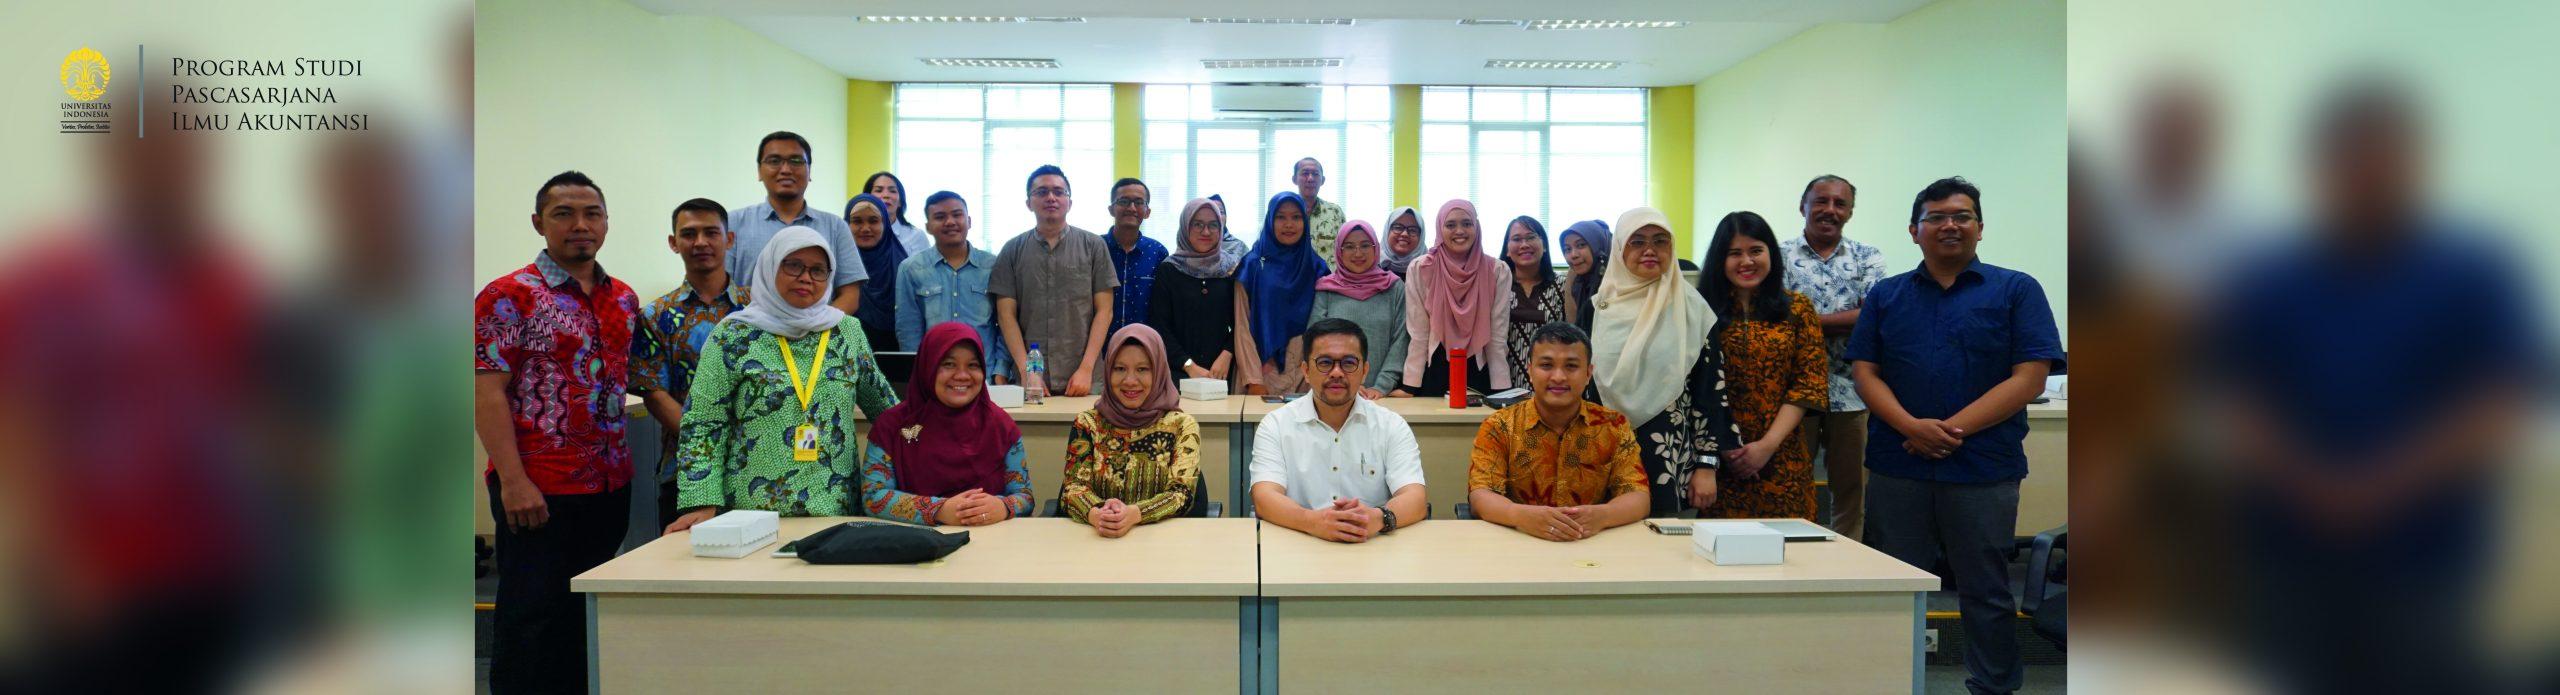 Penyambutan Mahasiswa Baru S2 Semester Genap TA 2019/2020